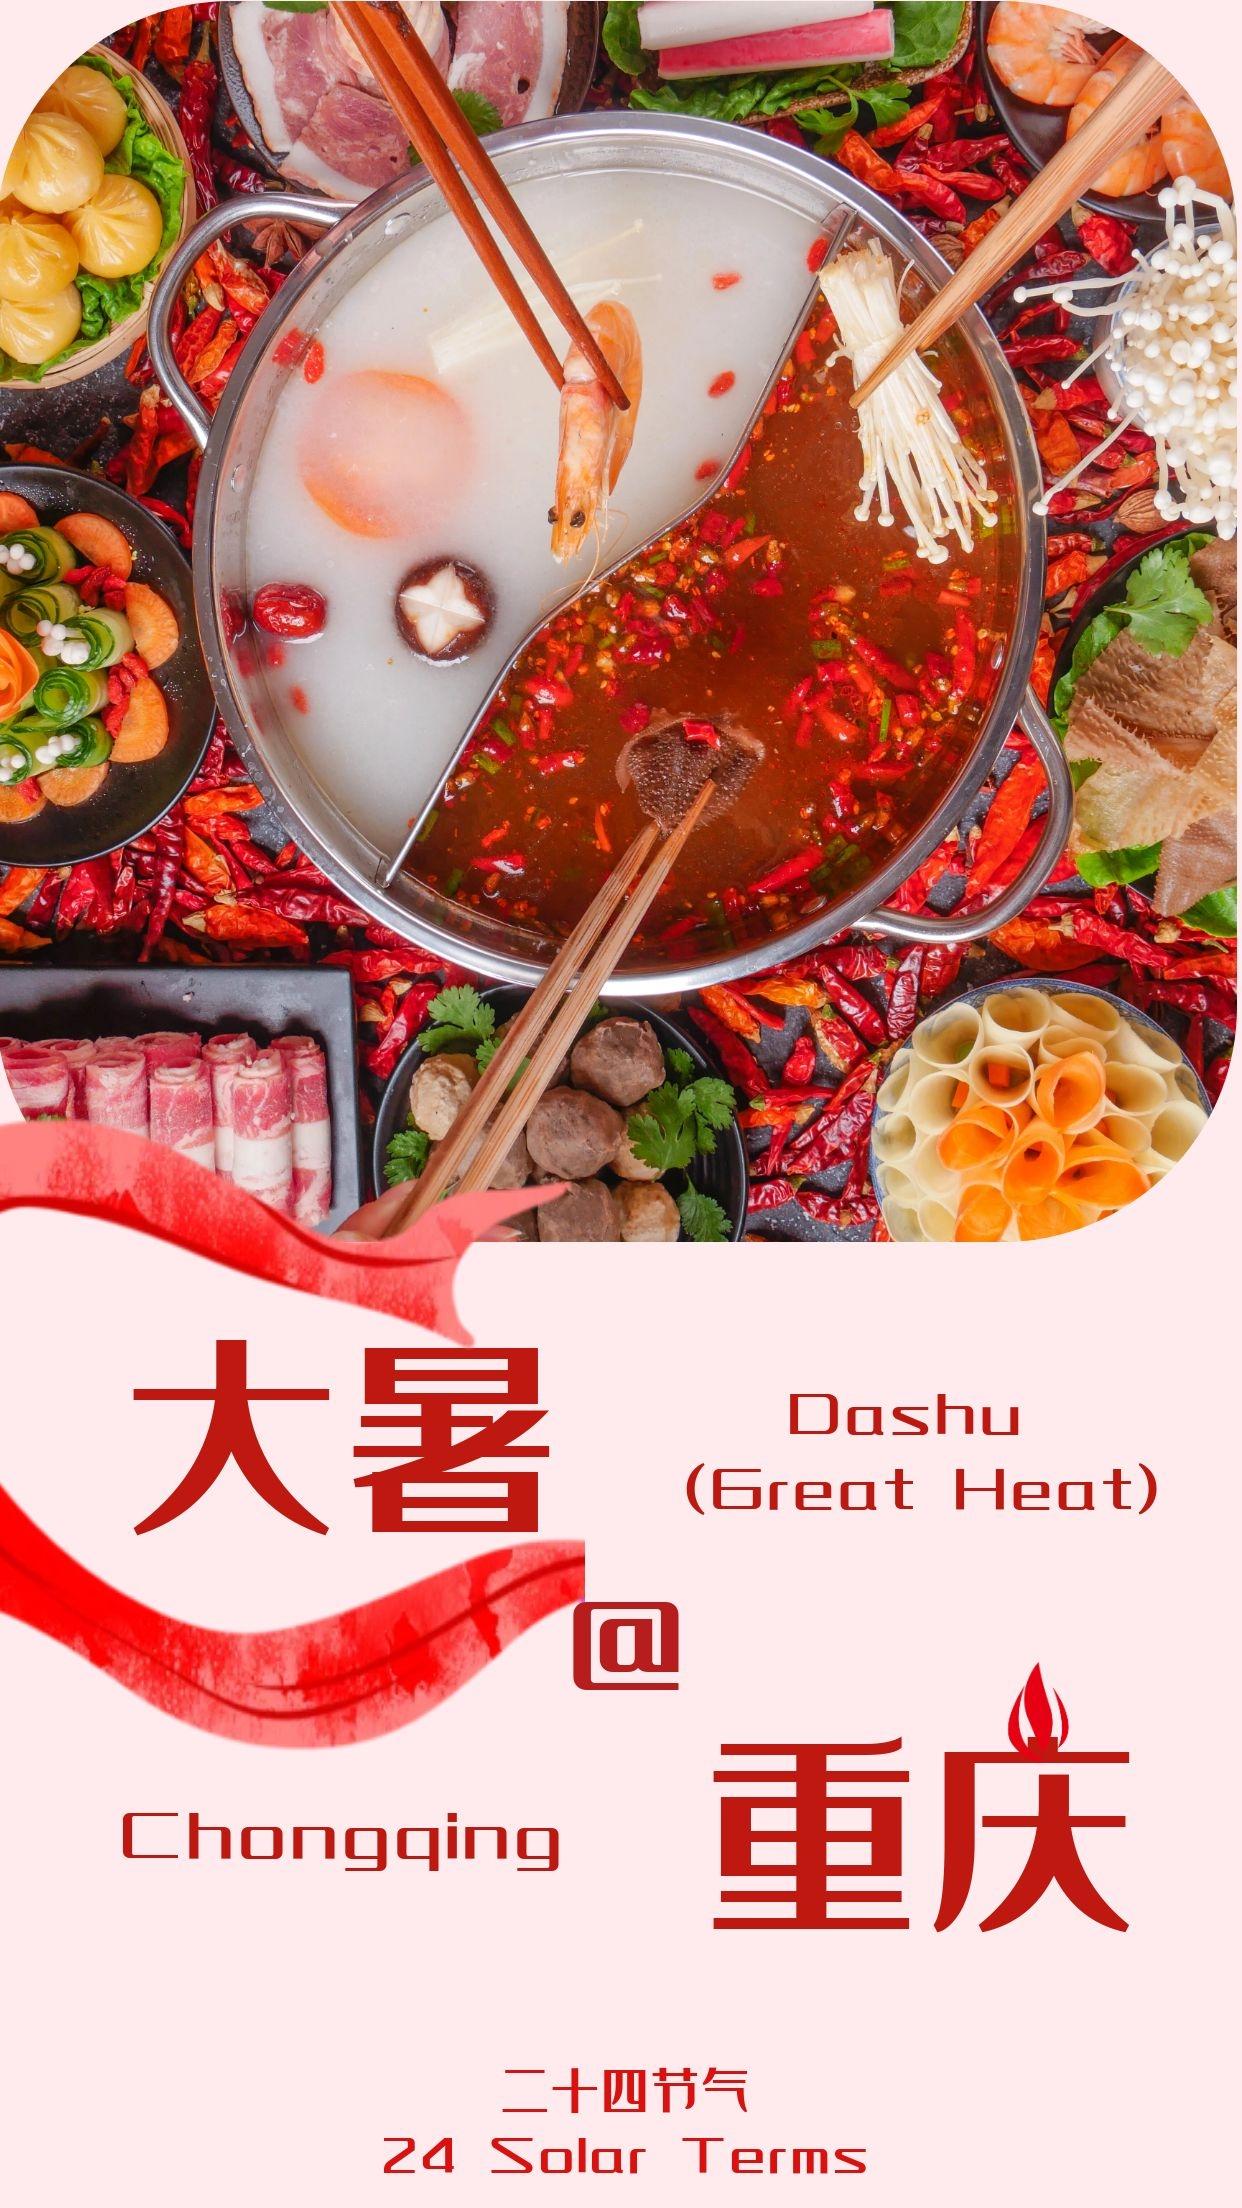 大暑:在火热的季节 走入火辣的城市 | 24 Solar Terms: Dashu in Chongqing